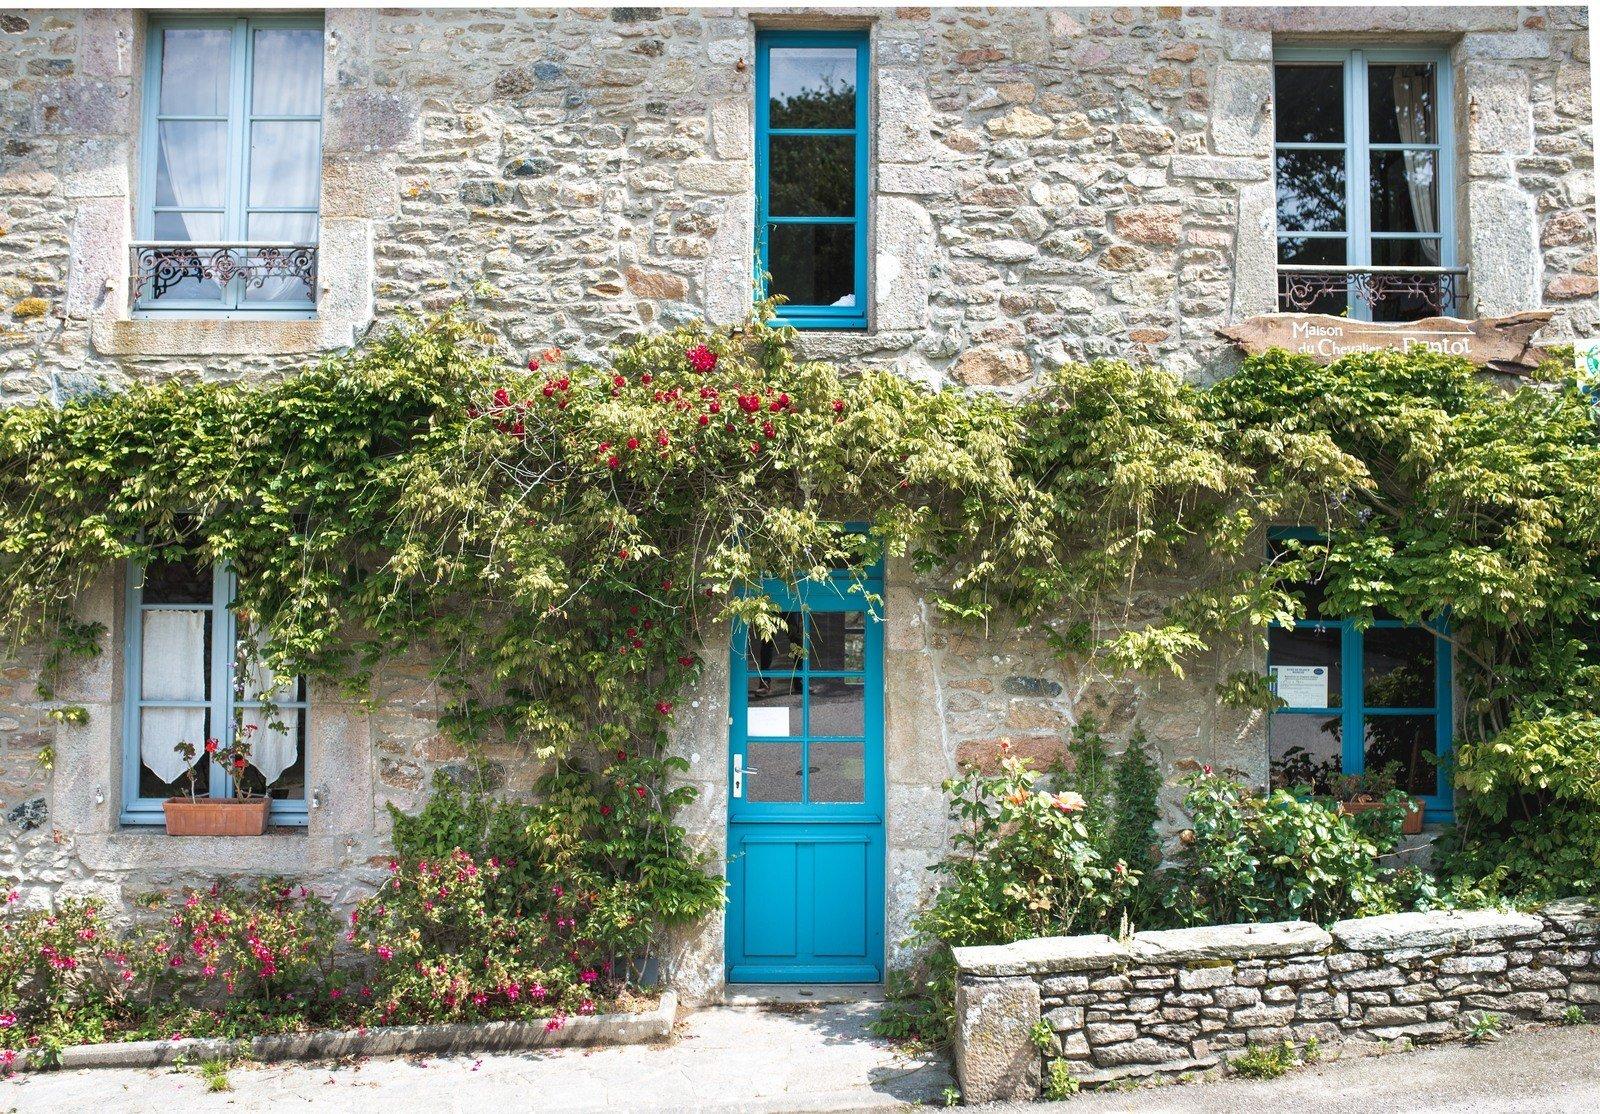 Maison de normandie cotentin en france - La petite maison normandie ...